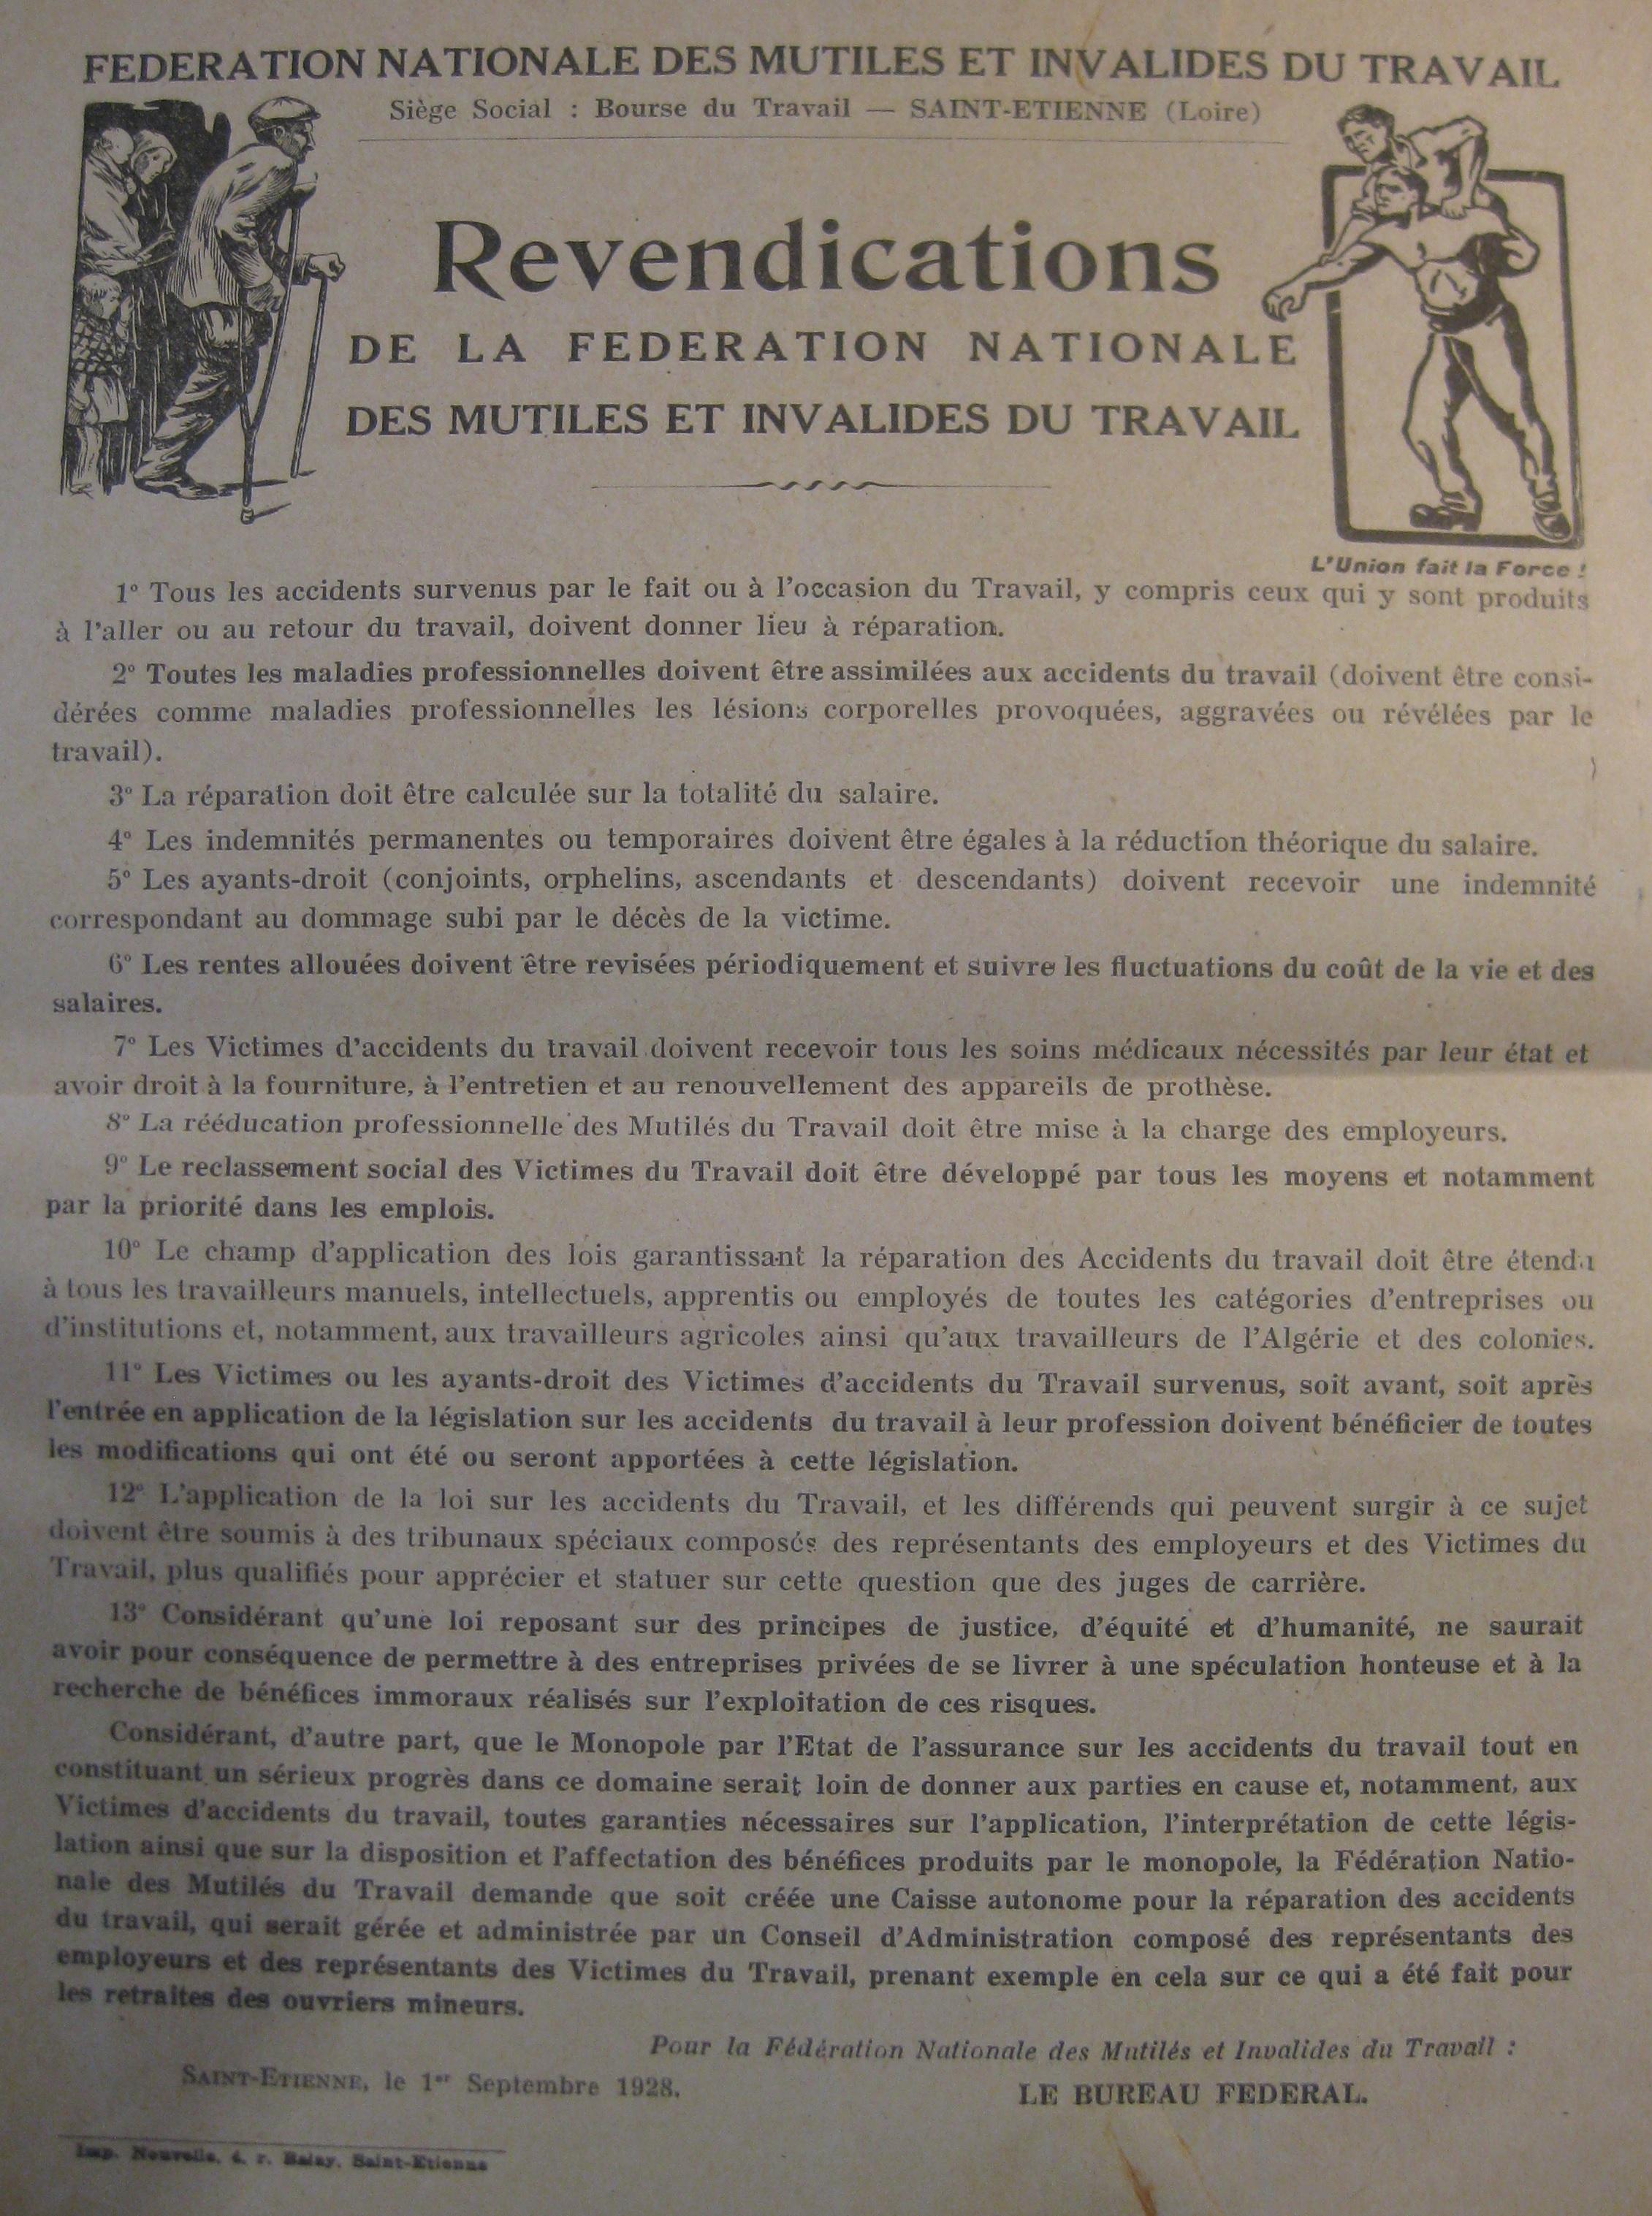 Affiche des revendications de la Fédération nationale des mutilés et invalides du travail